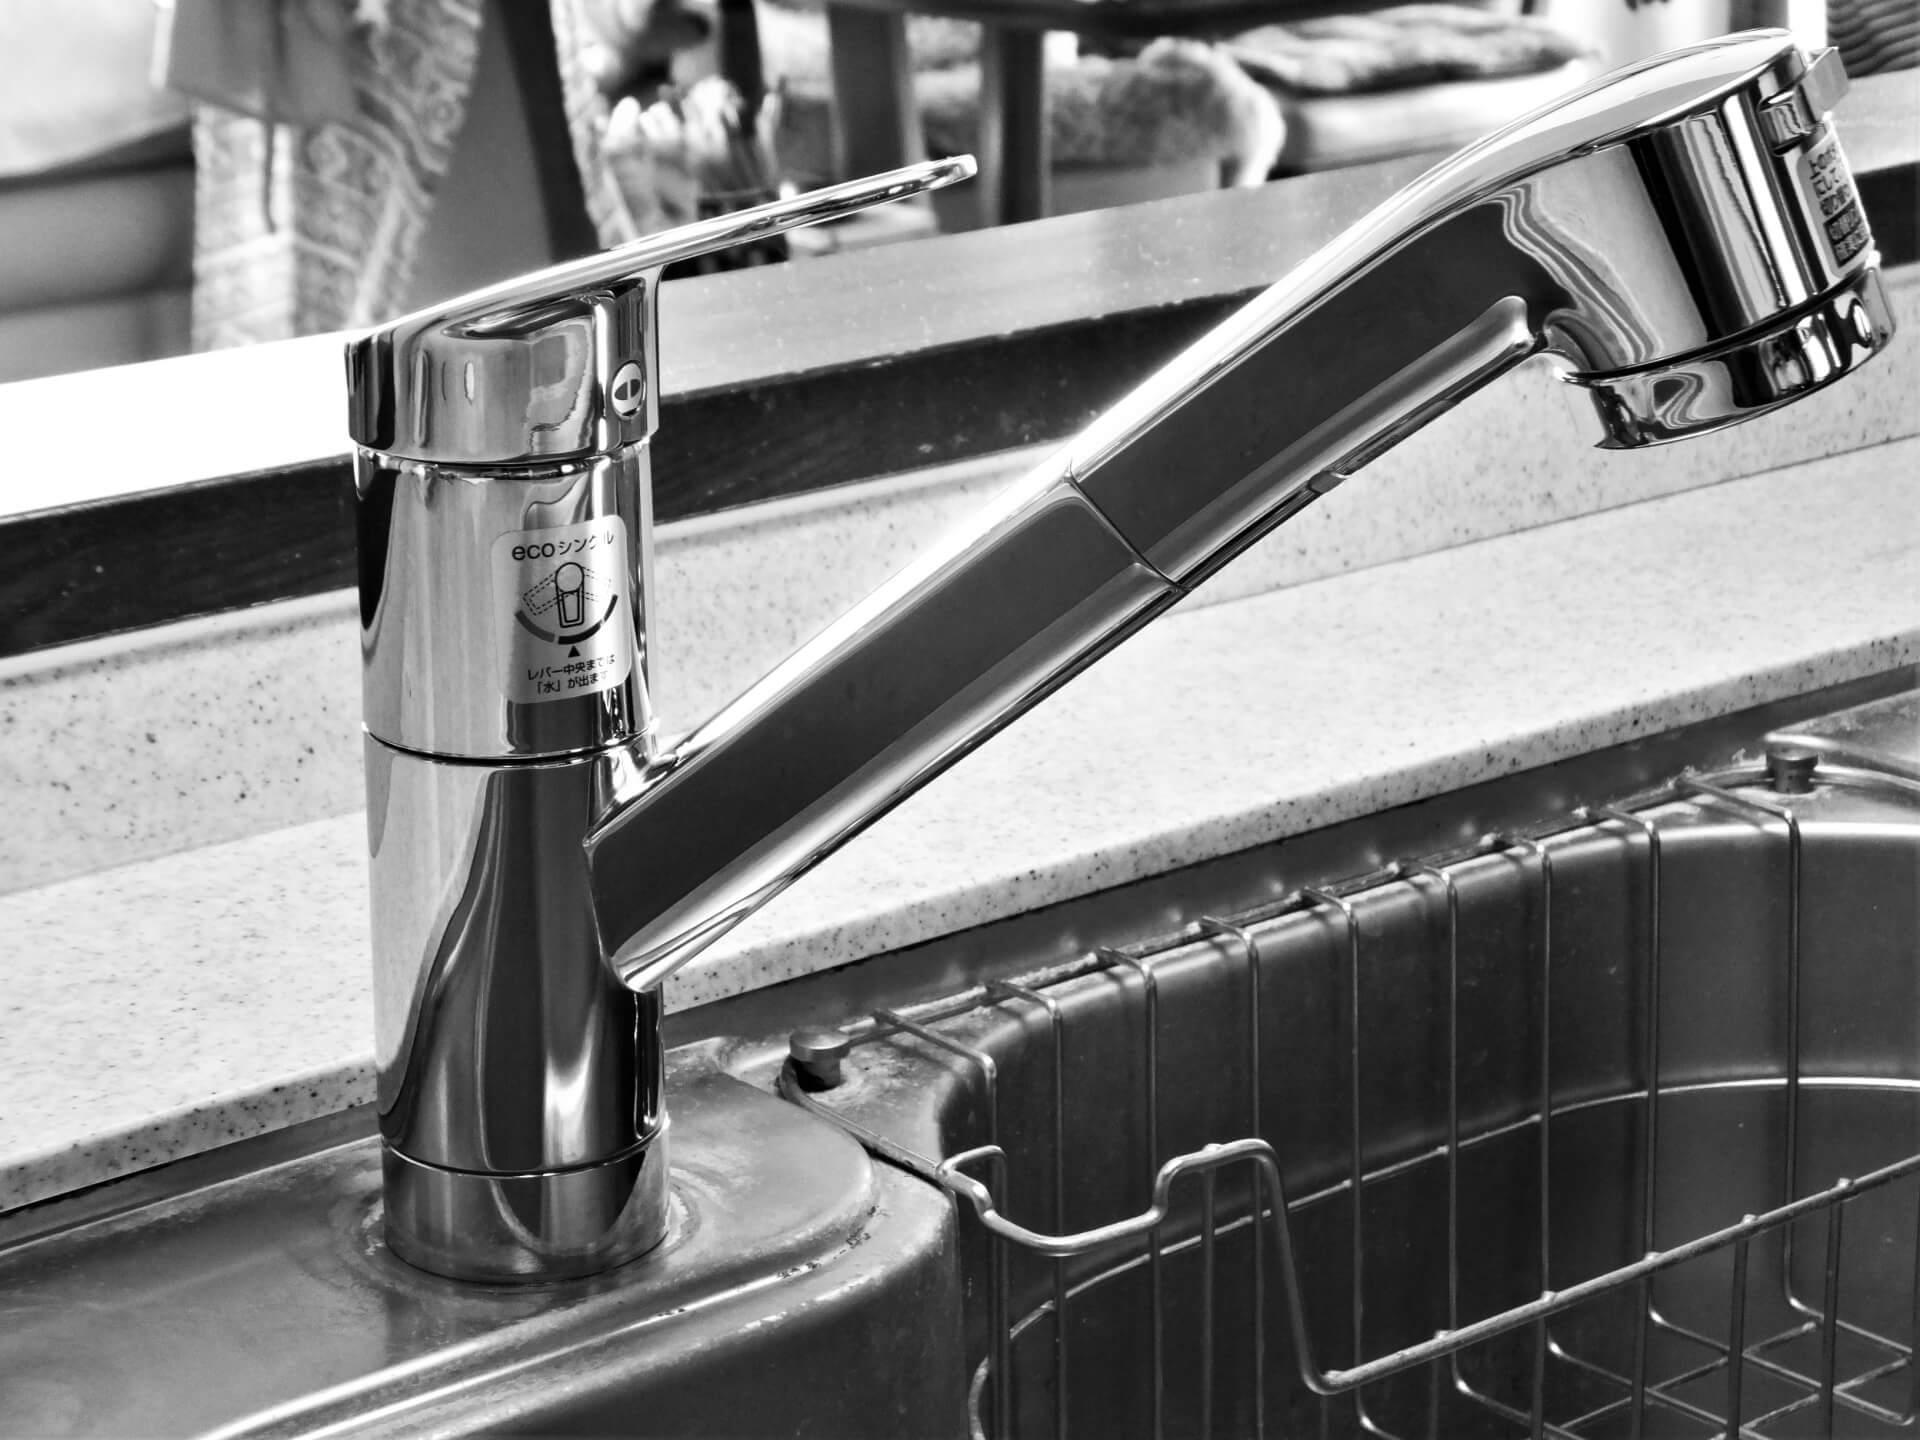 シングルレバー混合水栓の修理方法